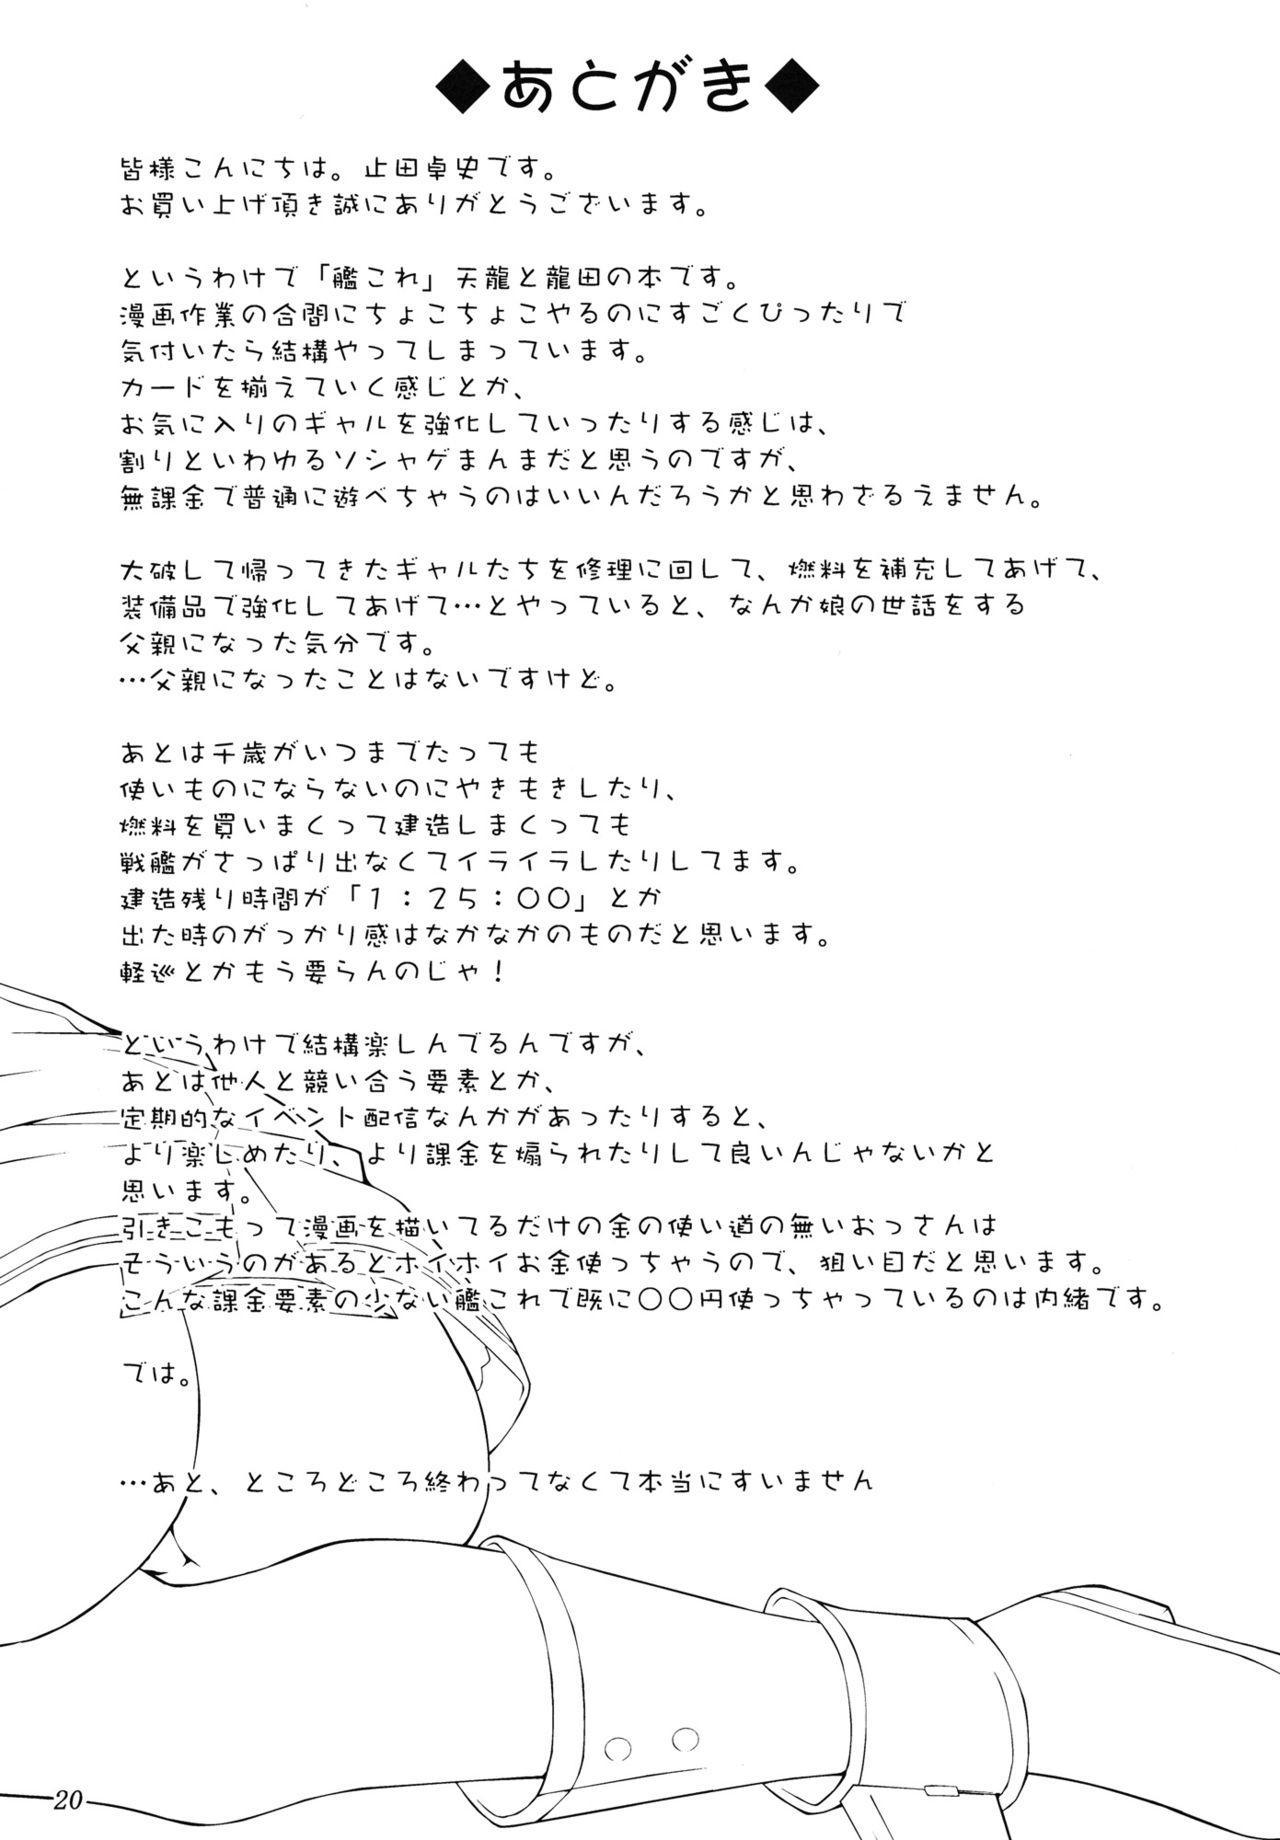 Tenryuugata Keijun Shimai ni Yoru Chinpo Kyousei to Shasei no Shitsuke 18